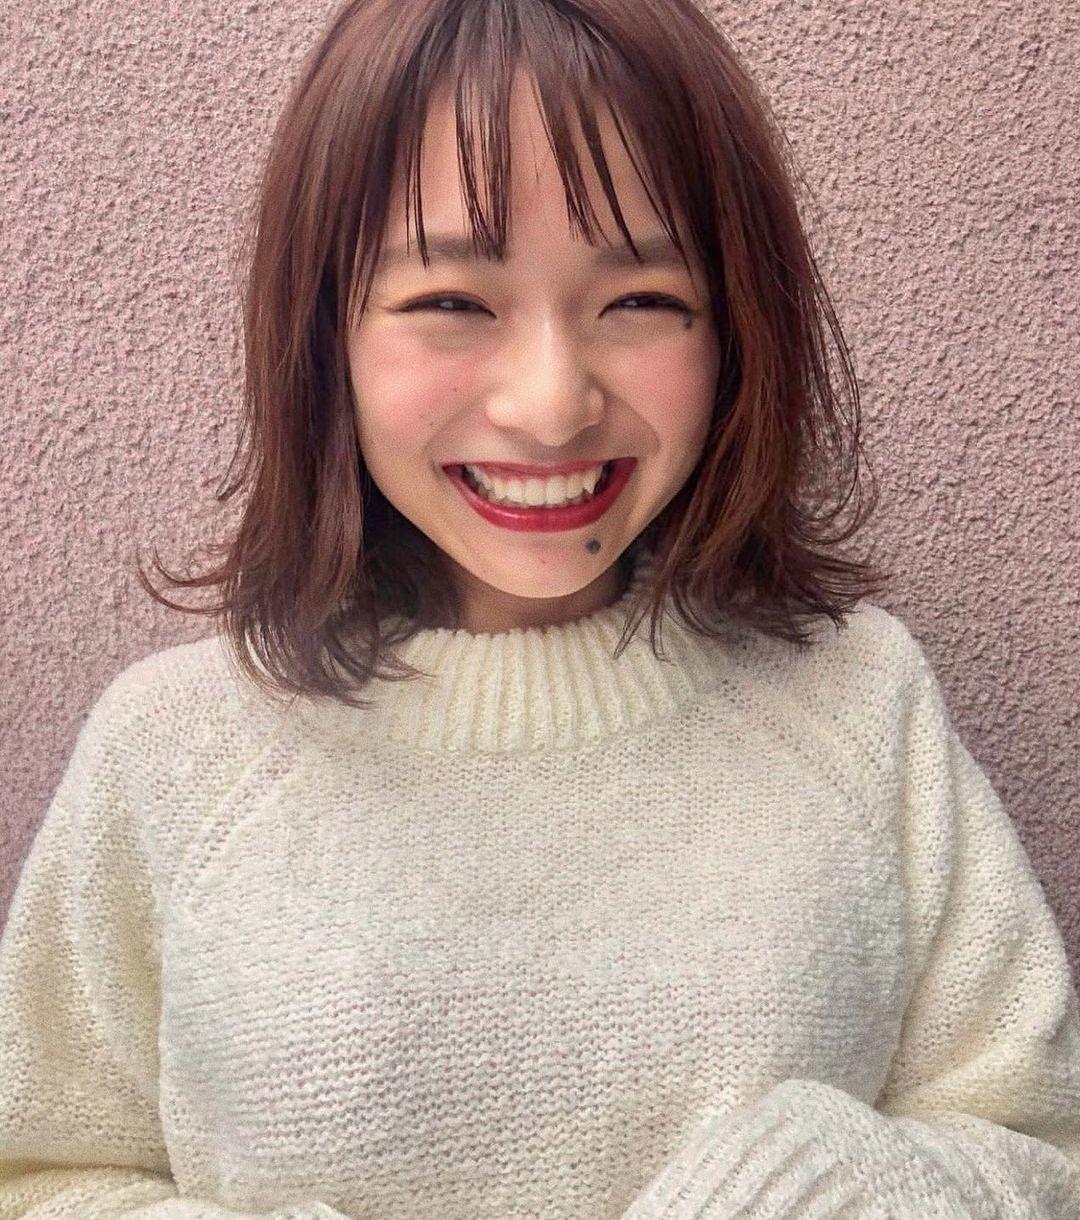 キラキラ笑顔って本当に素敵